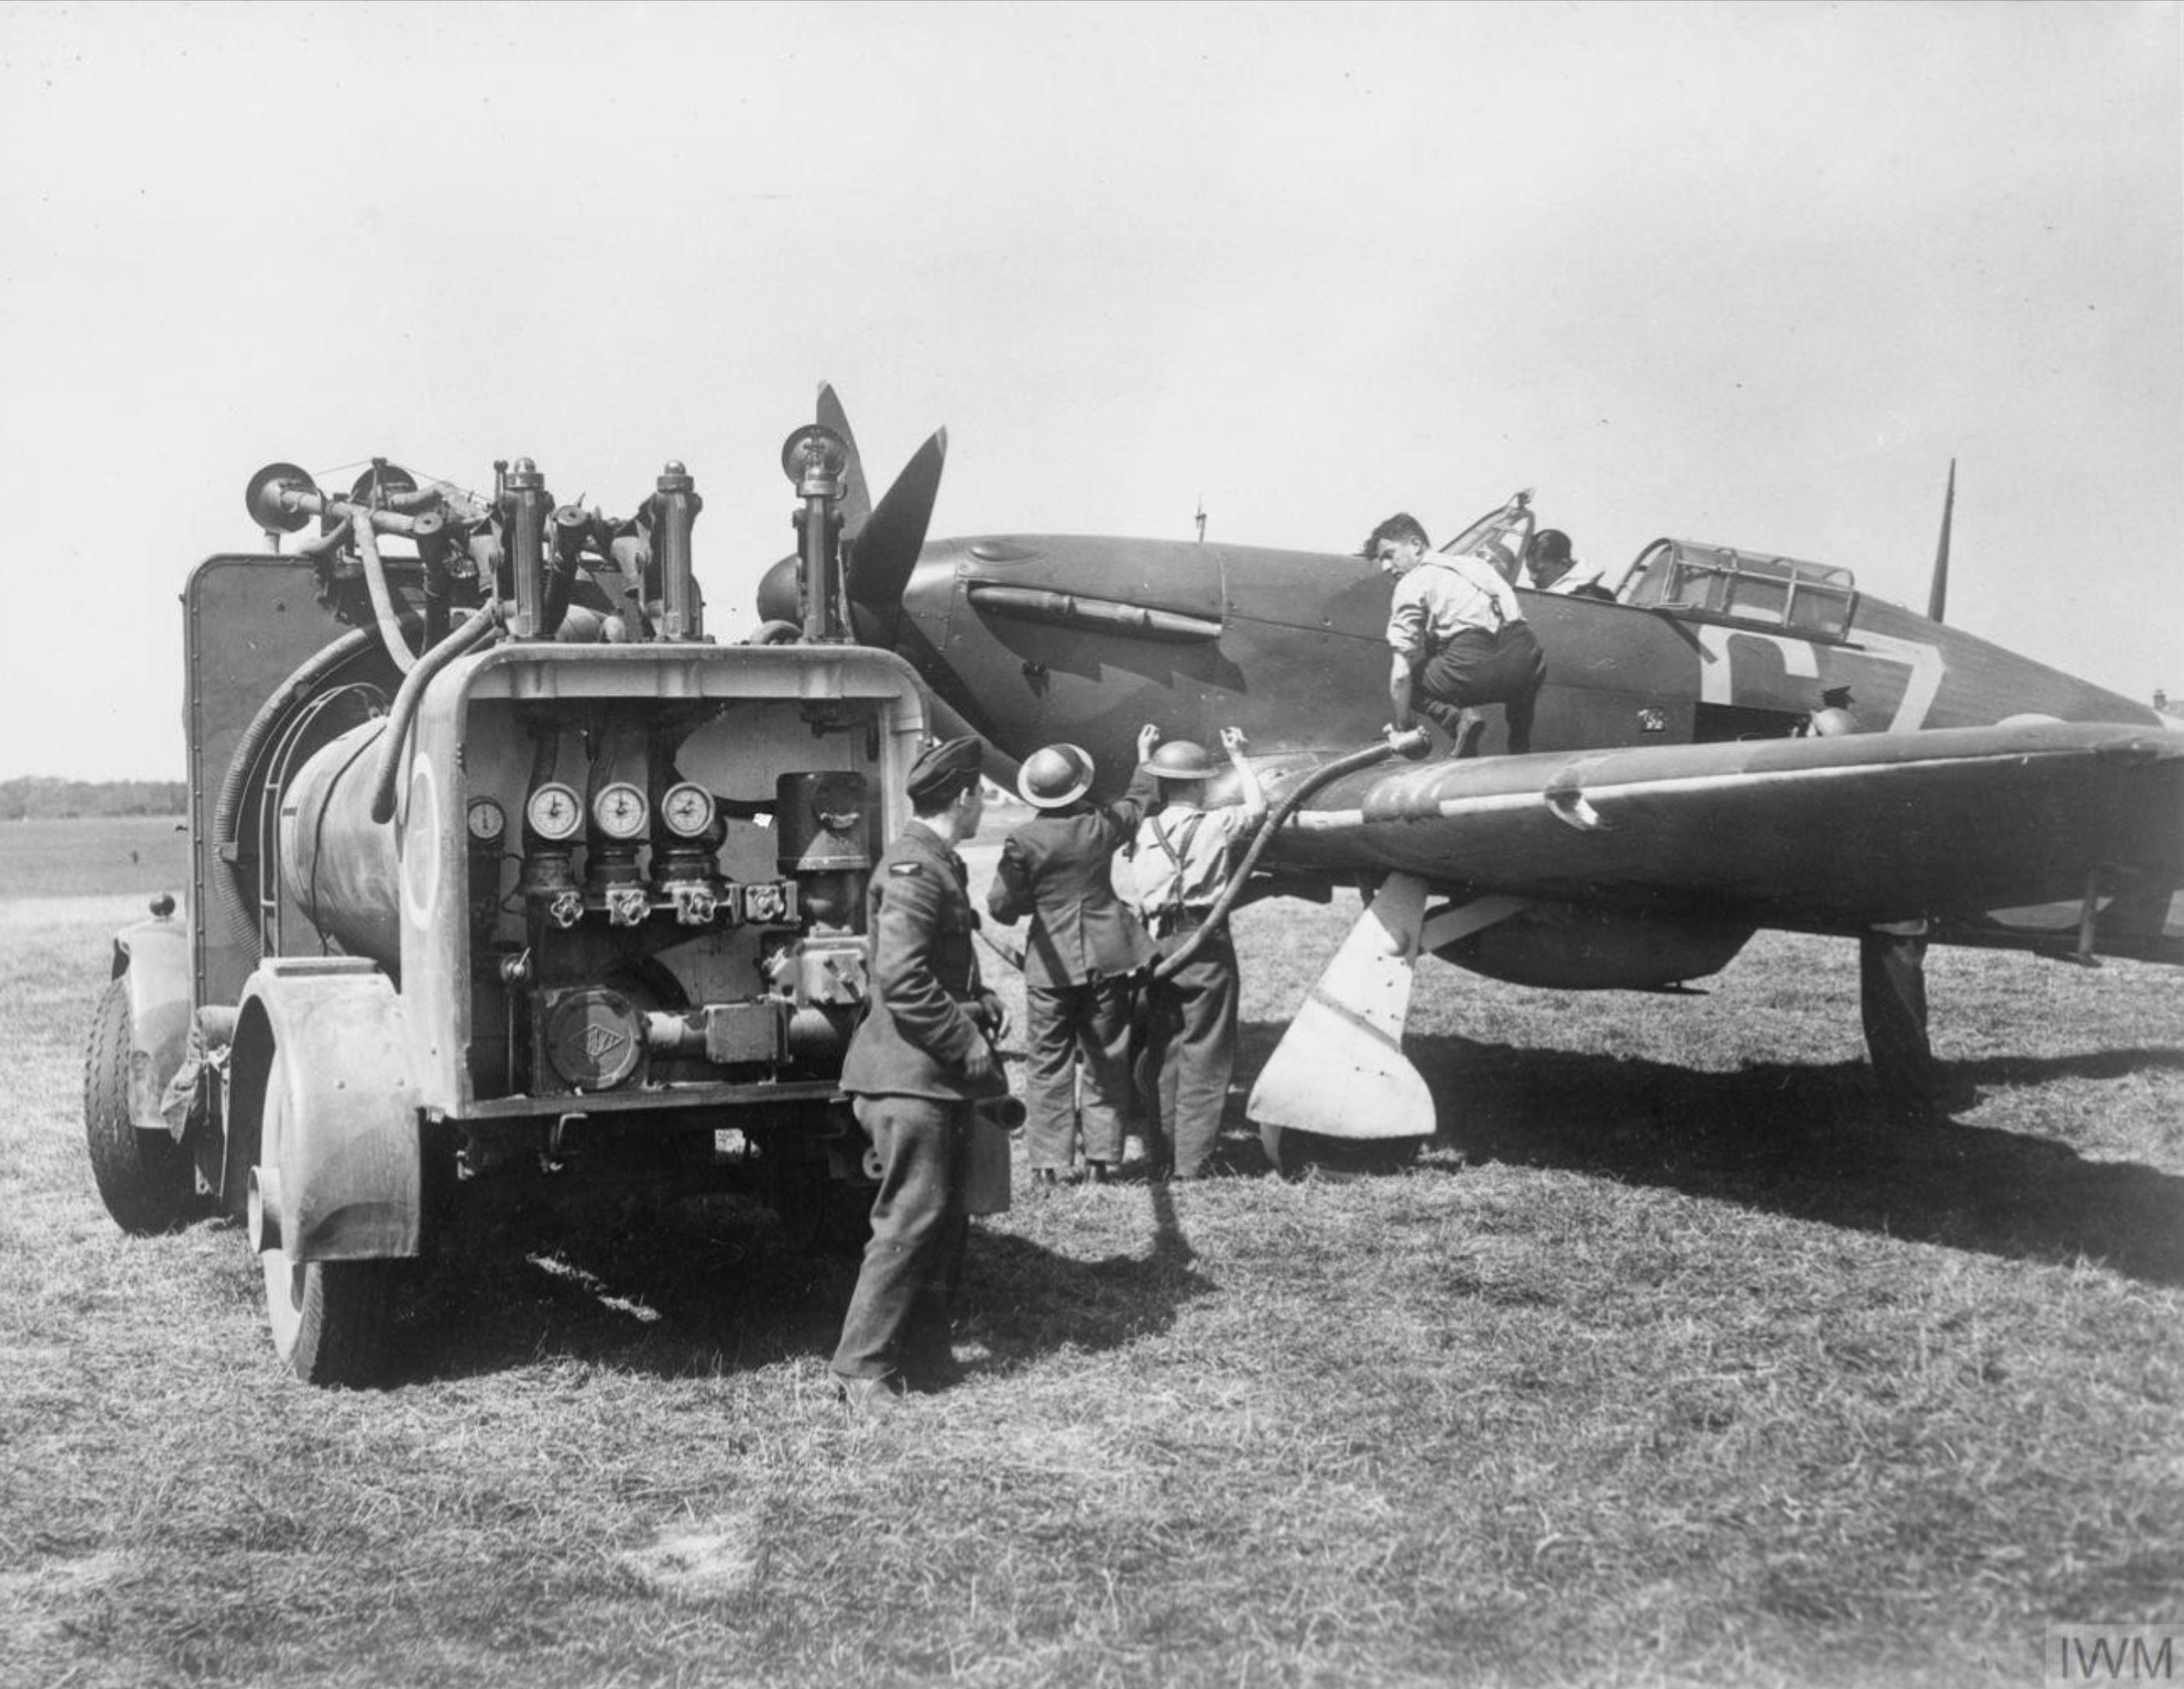 Hurricane I RAF 32Sqn GZL P2921 being refueled Biggin Hill Aug 1940 IWM HU57450